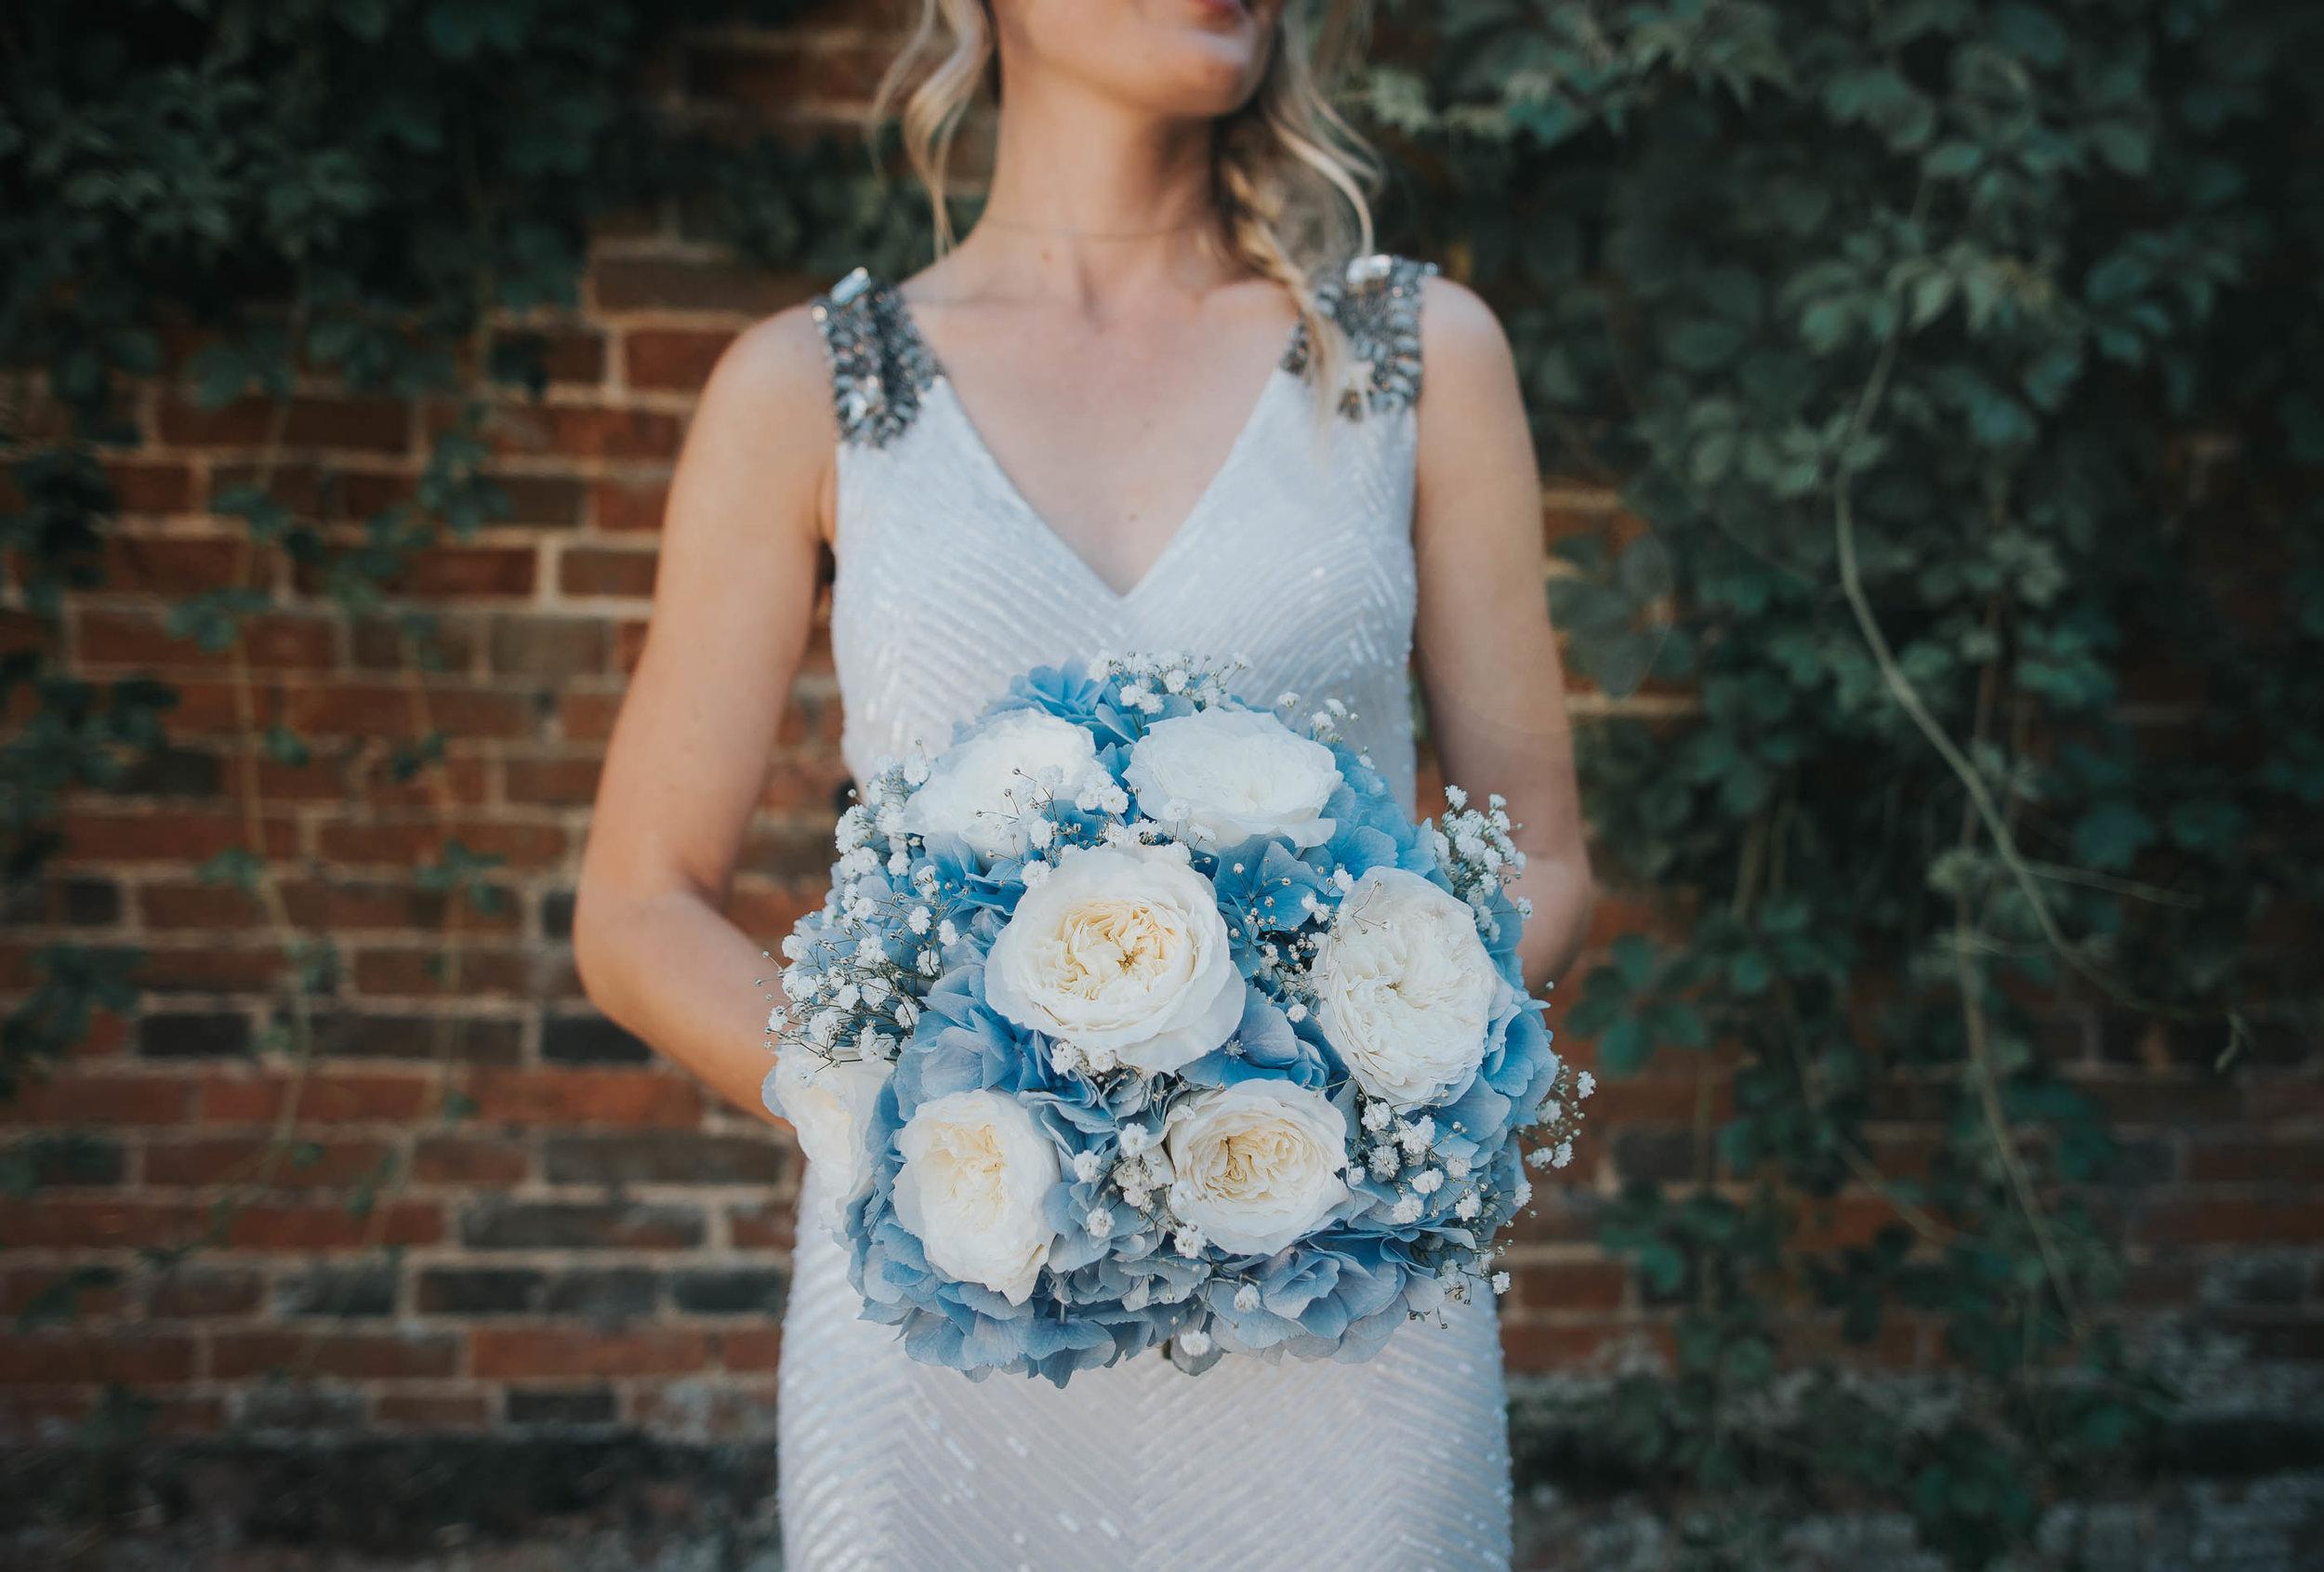 Creative Unique Wedding Photographer Essex Suffolk UK Wedding Photographer www.purplepeartreephotography.com (509).JPG